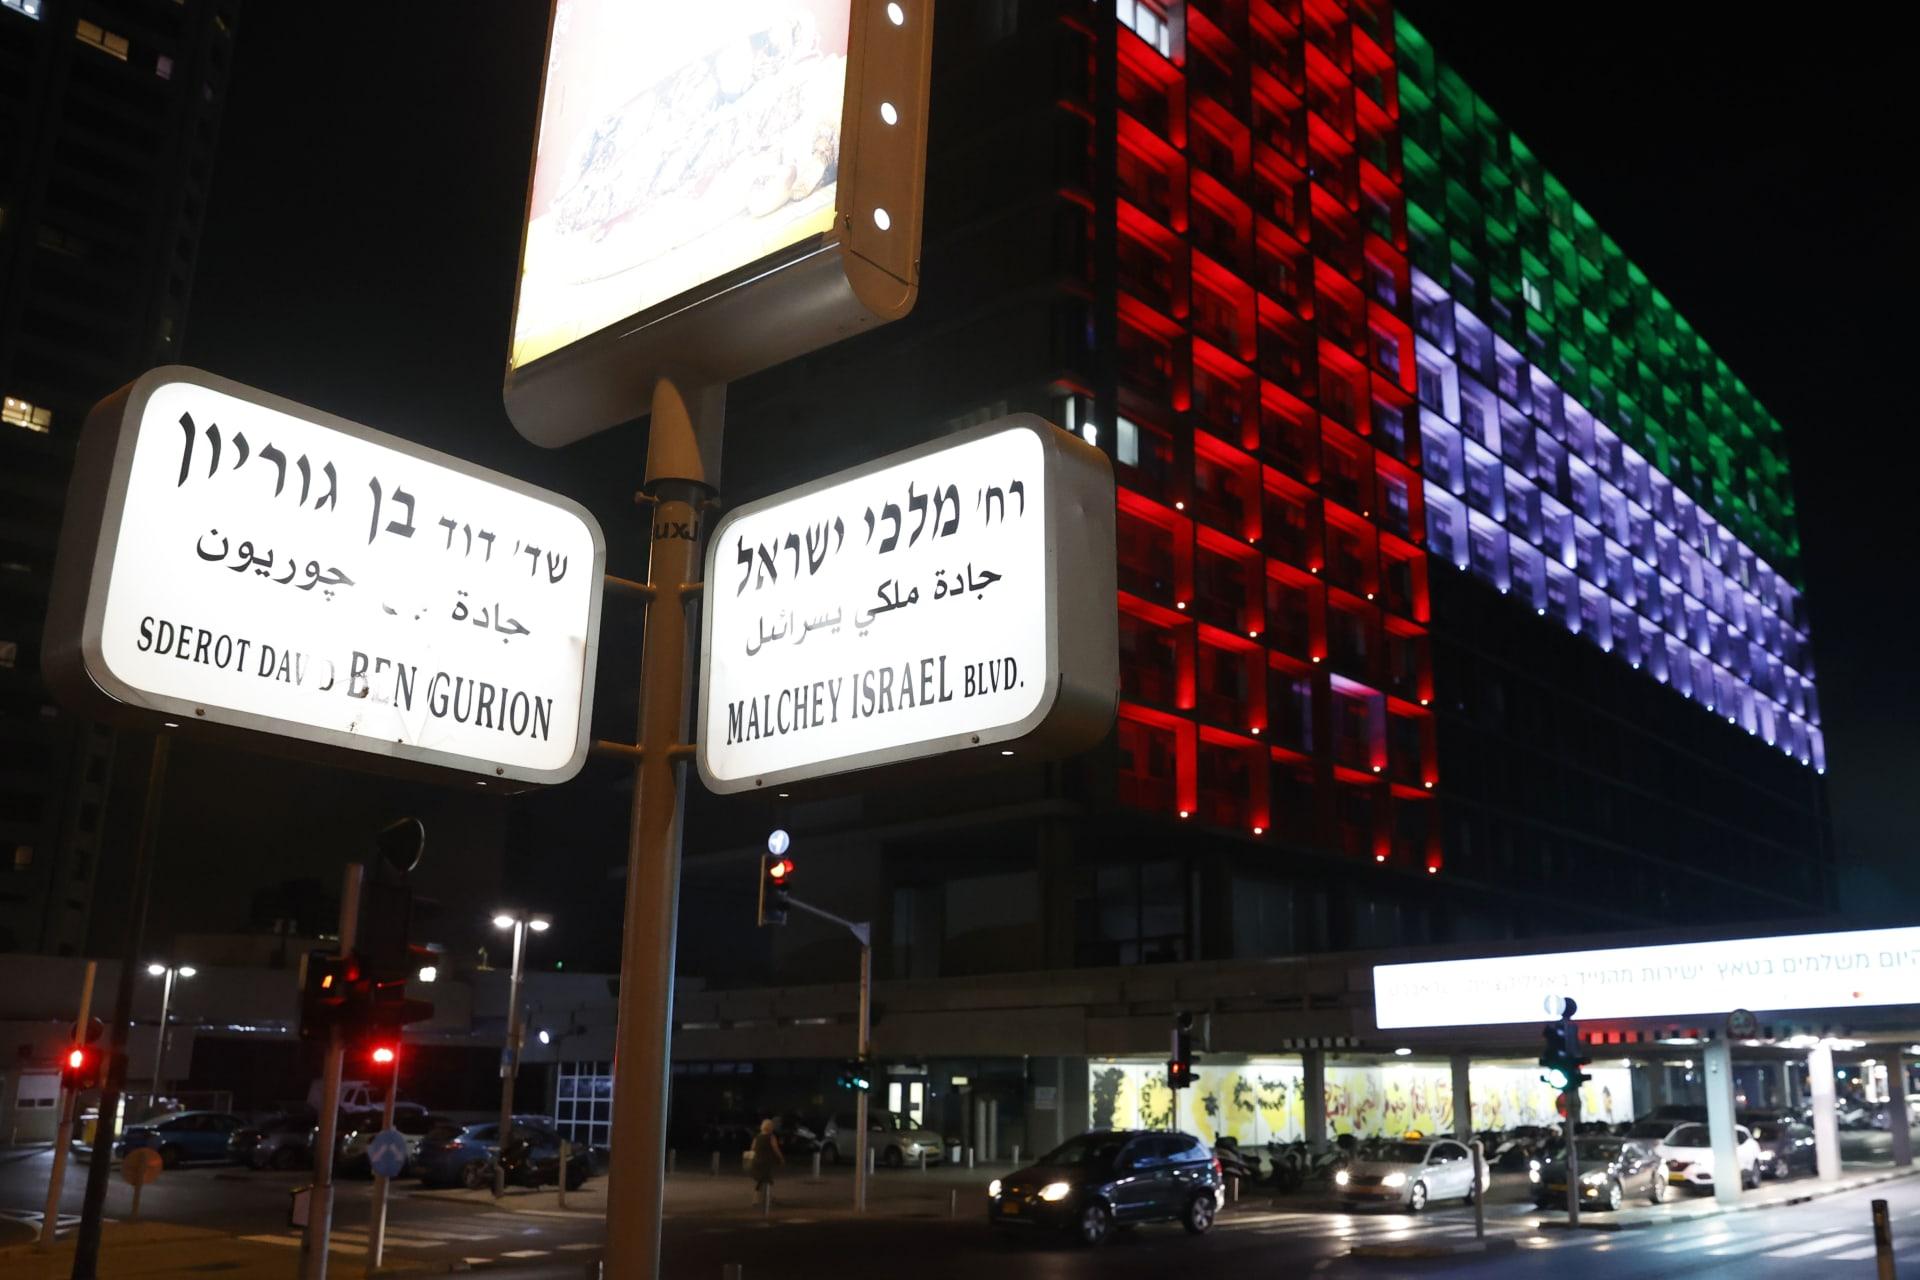 صورة مبنى في تل أبيب مضاء بألوان العلم الإماراتي بعد اتفاق السلام